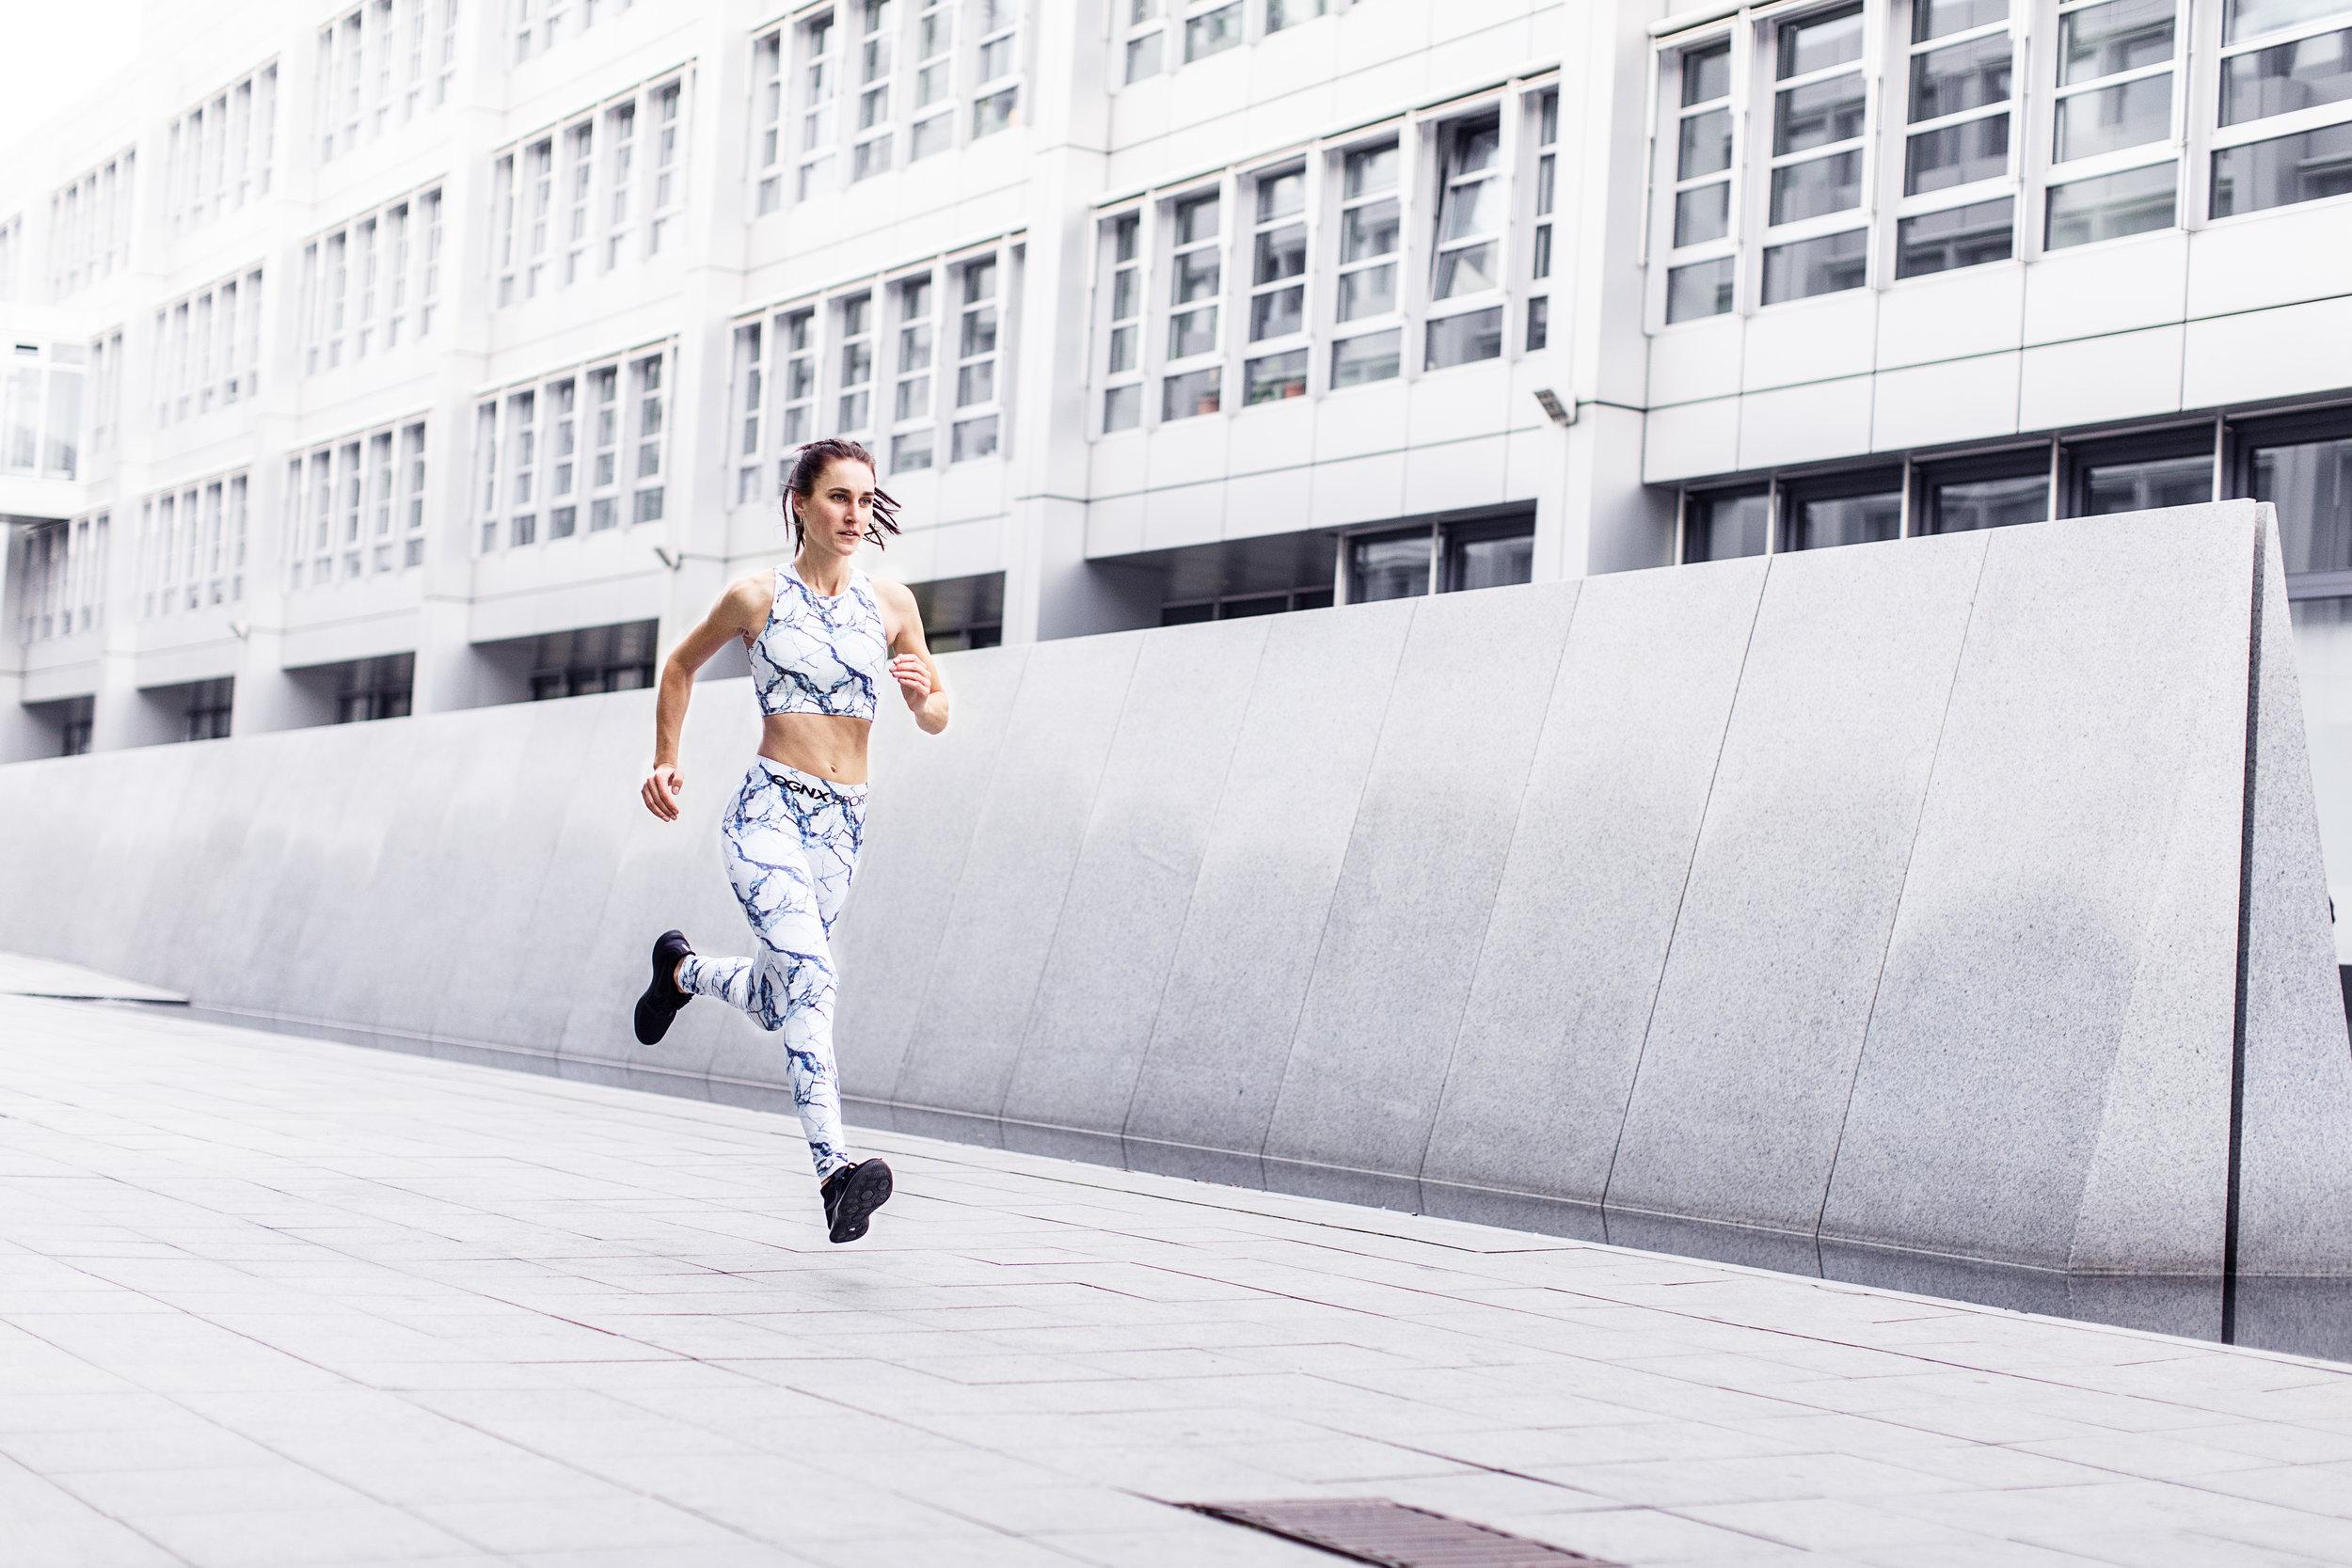 helgeroeske Urban Running Julia .jpg